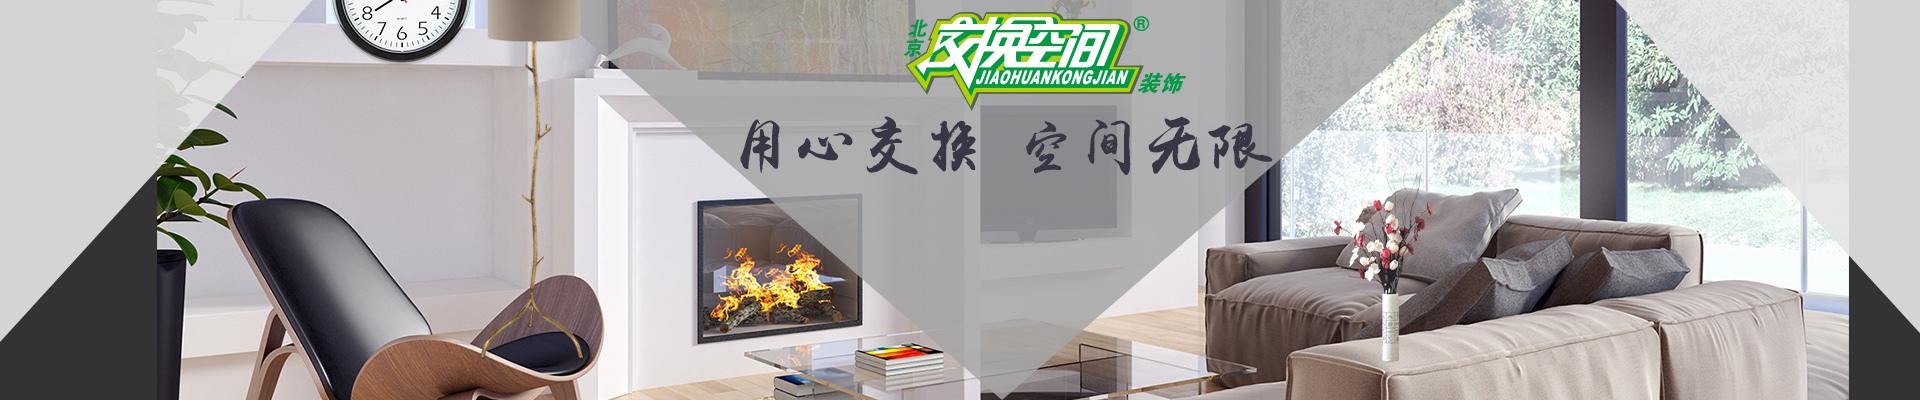 安庆交换空间装饰